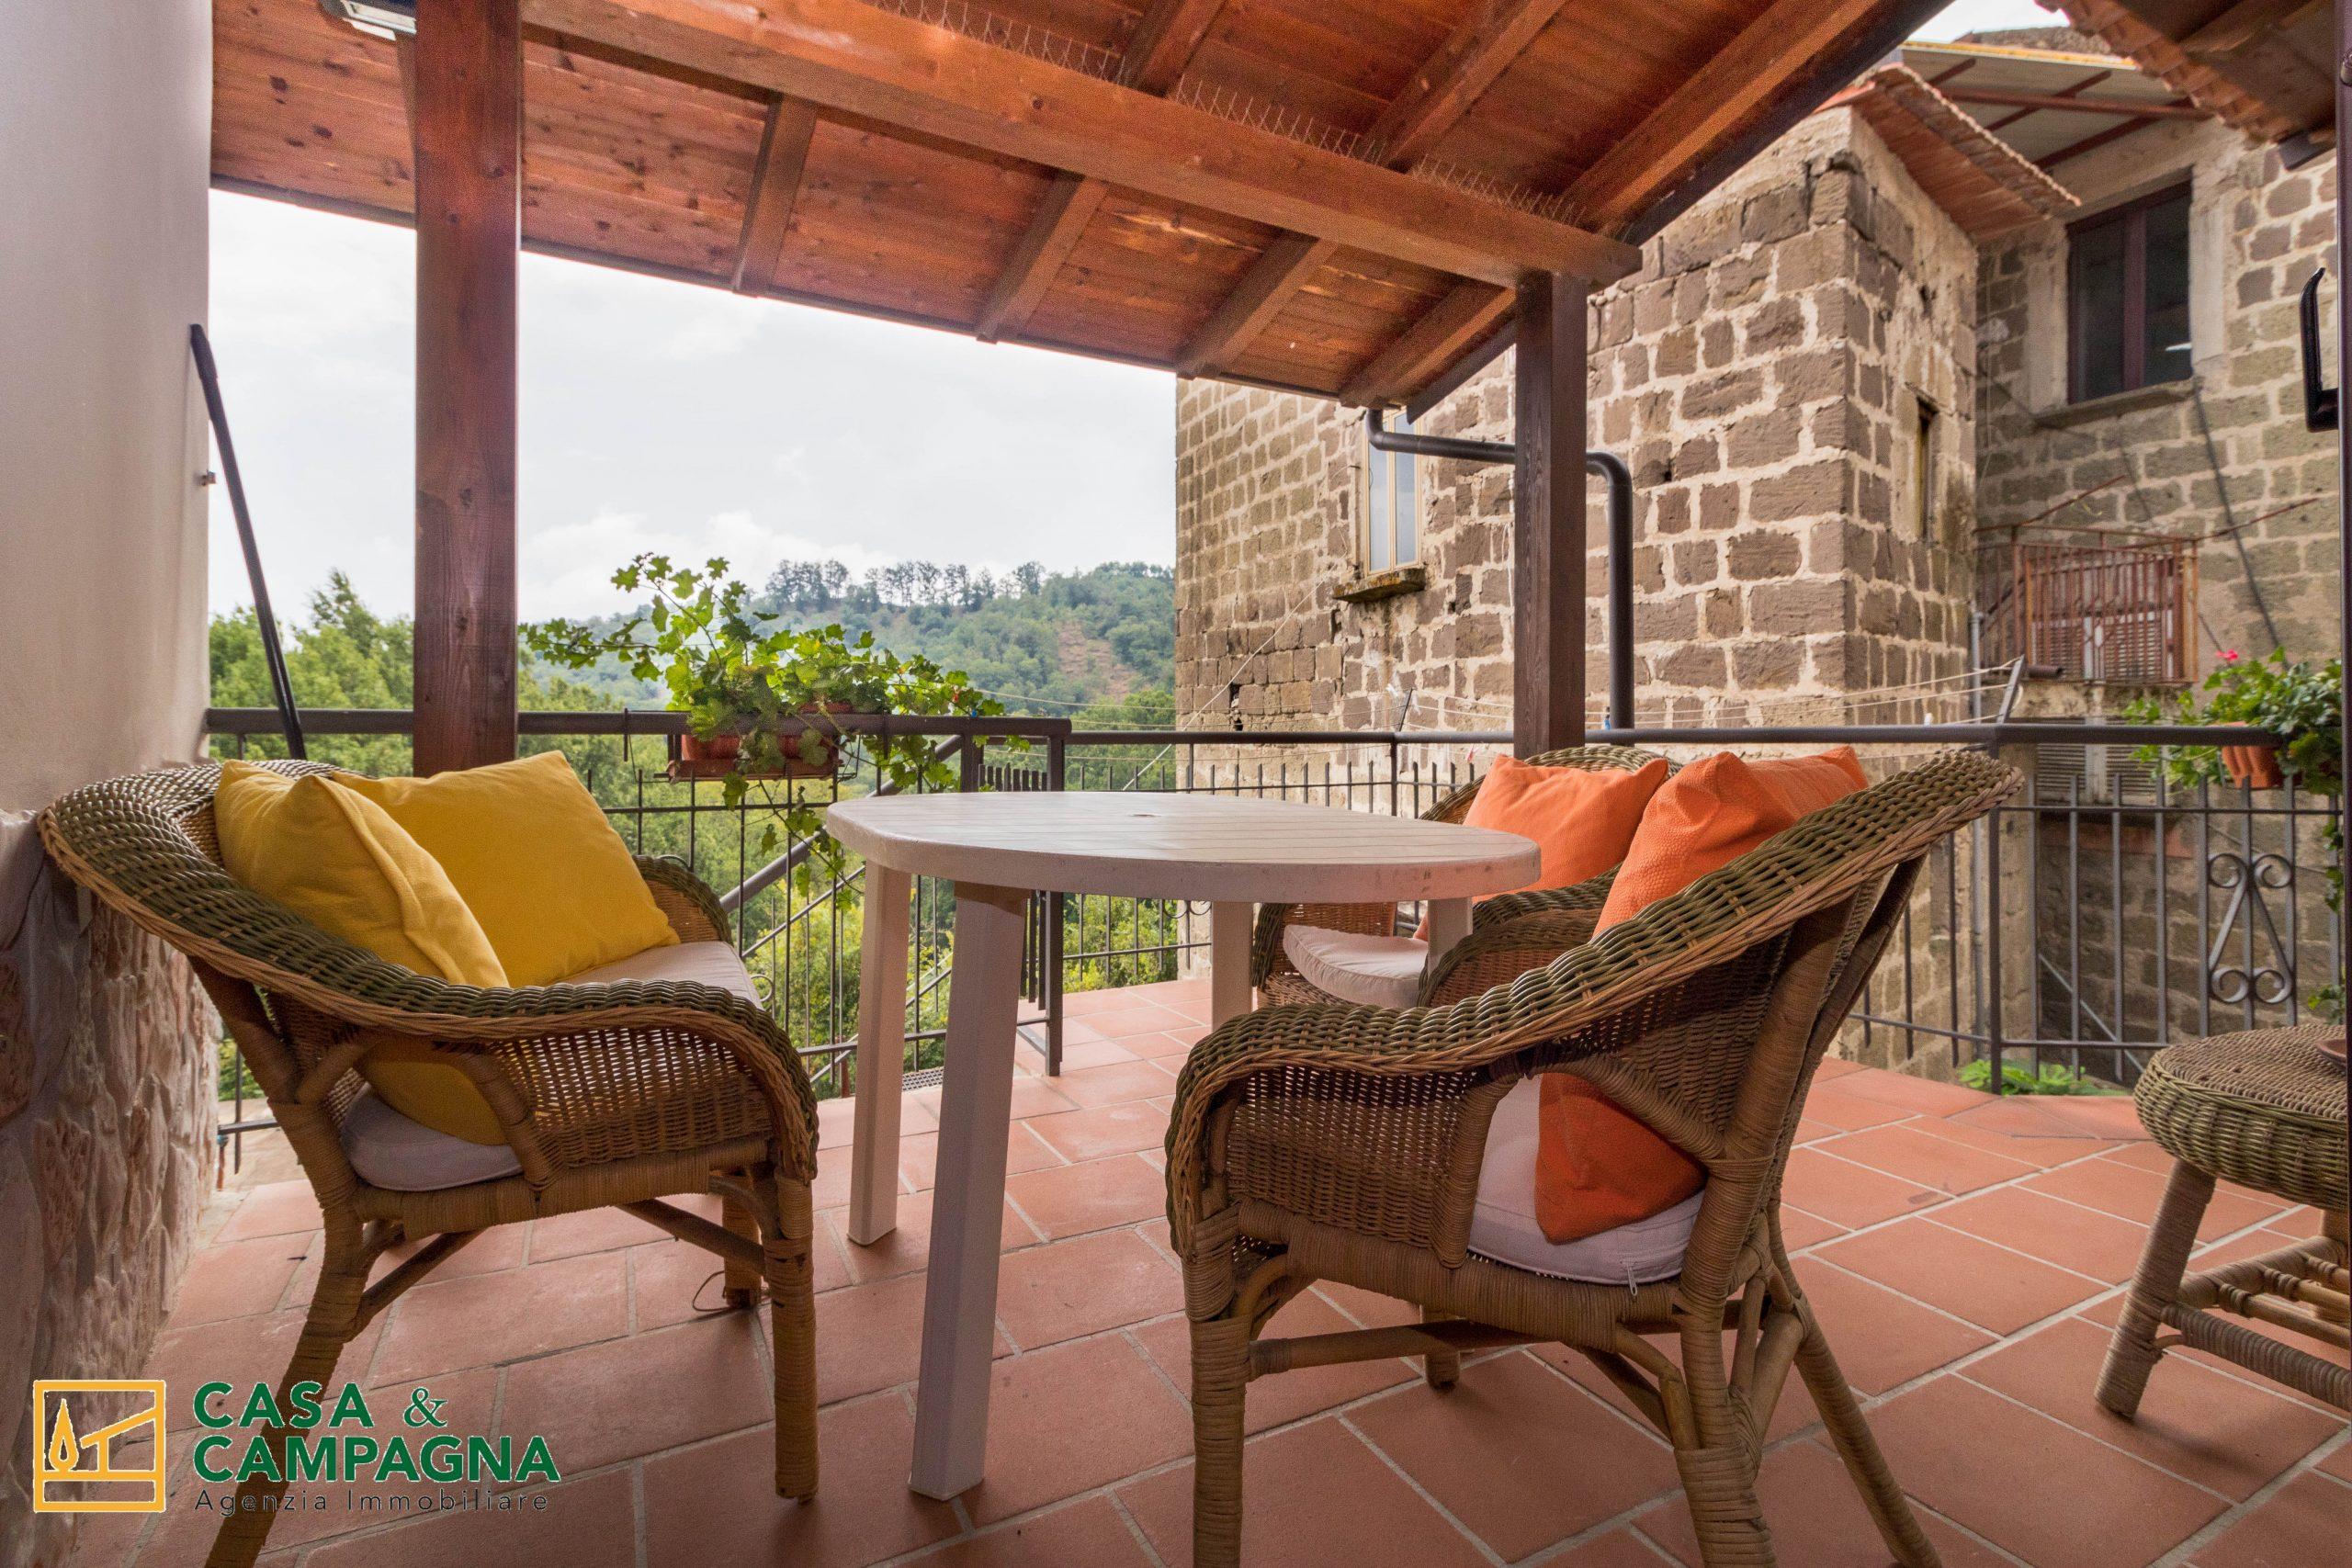 Casa con giardino in vendita a Campagnola